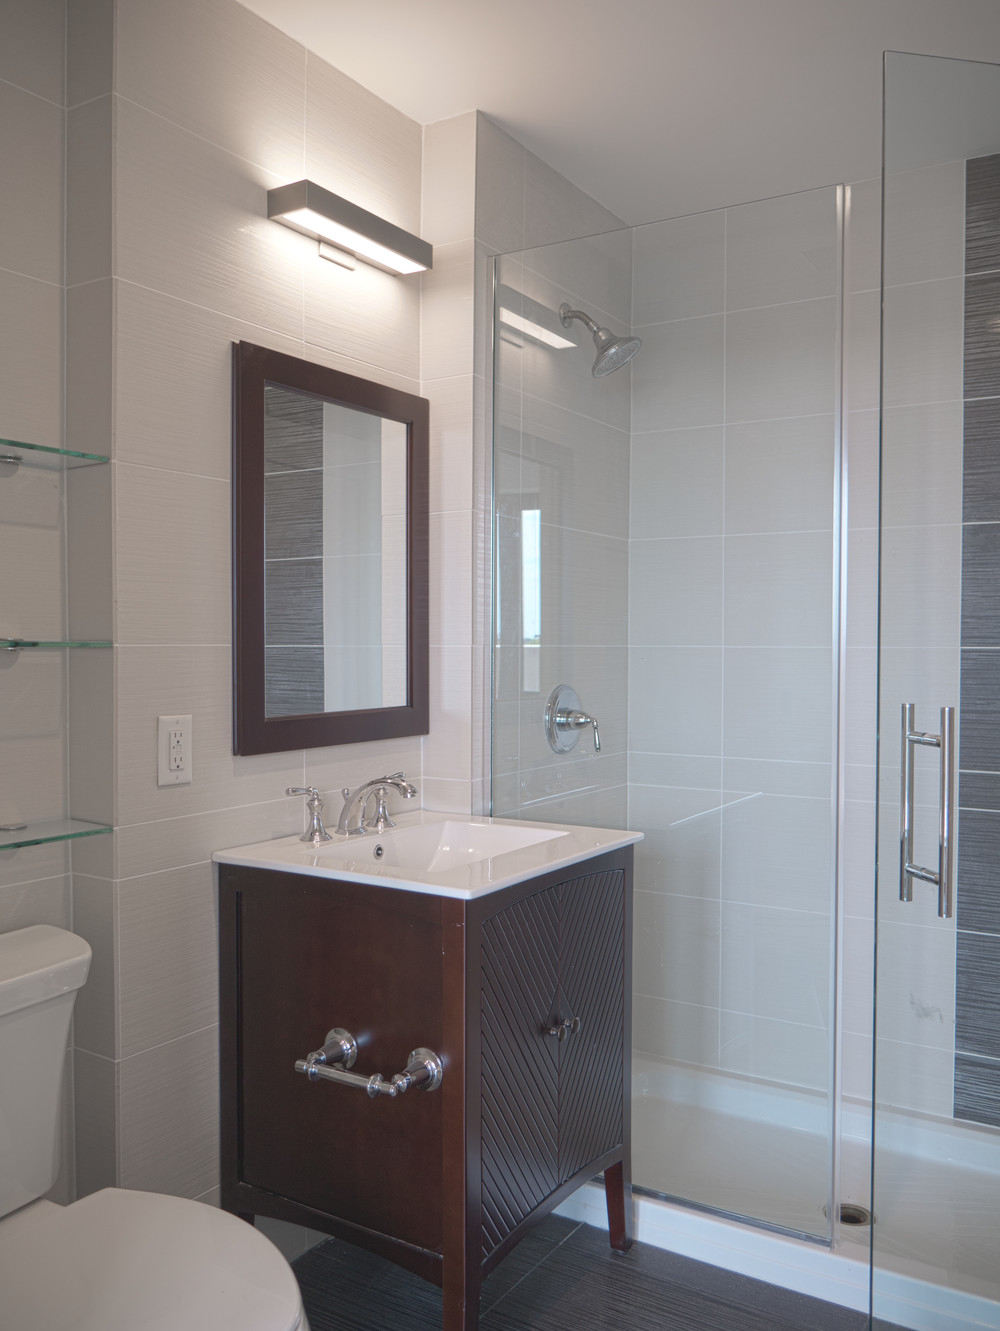 13 Master Bedroom 8a en suite bath.jpg